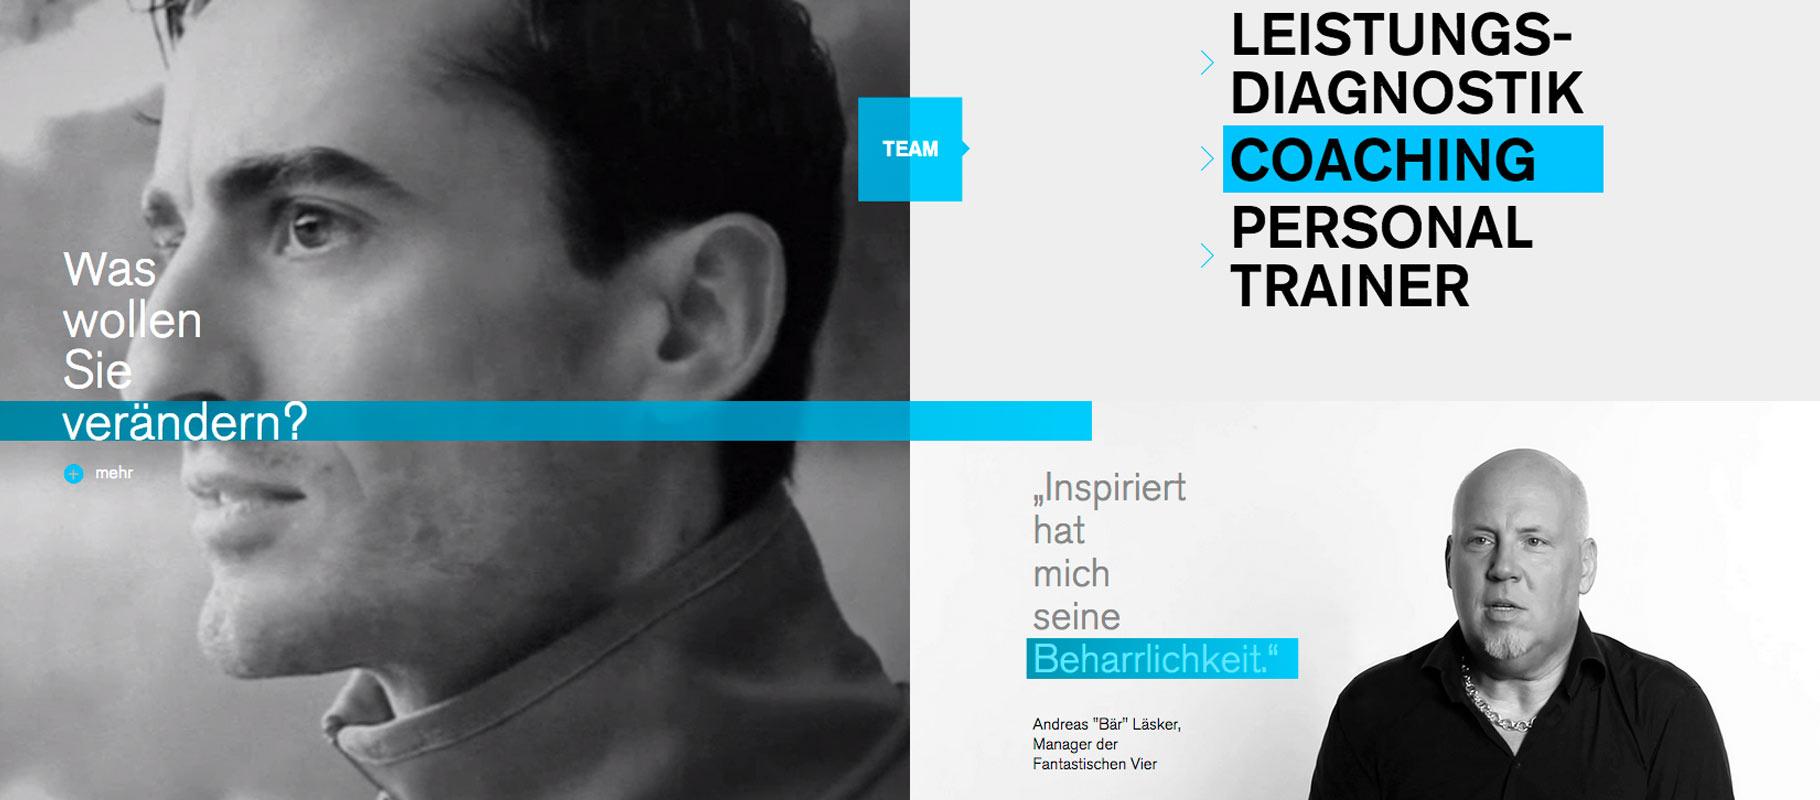 Startseite der Webseite Dr. Holzinger mit Portrait Daniel Holzinger und Startscreen Video-Statement Kunde.